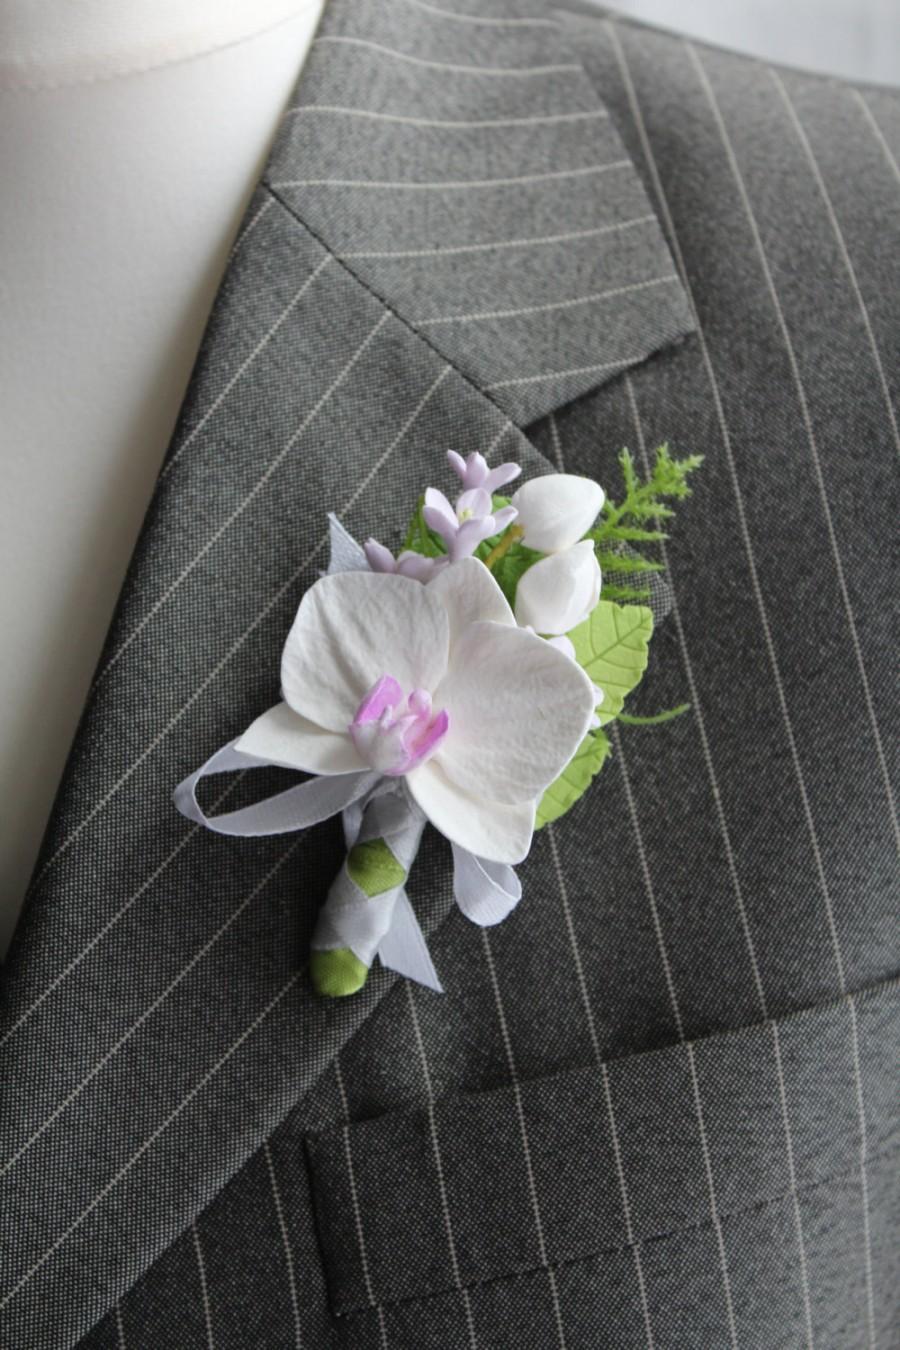 زفاف - Weddings. Buttonhole Boutonniere for men. Polymer clay flower.